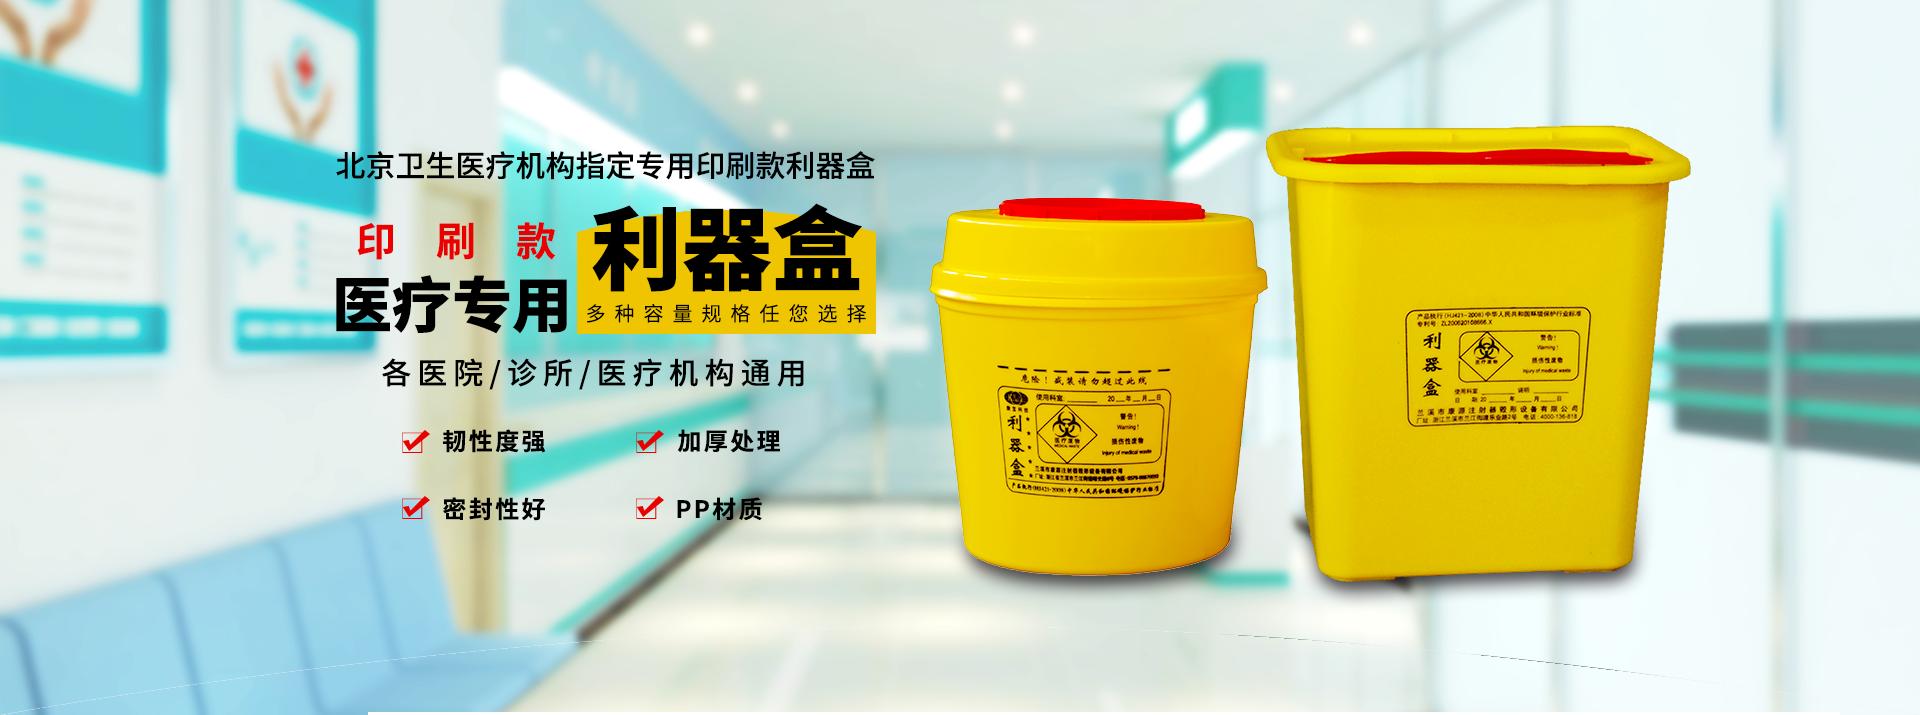 防疫消毒耗材,普通醫用耗材,醫廢包裝容器